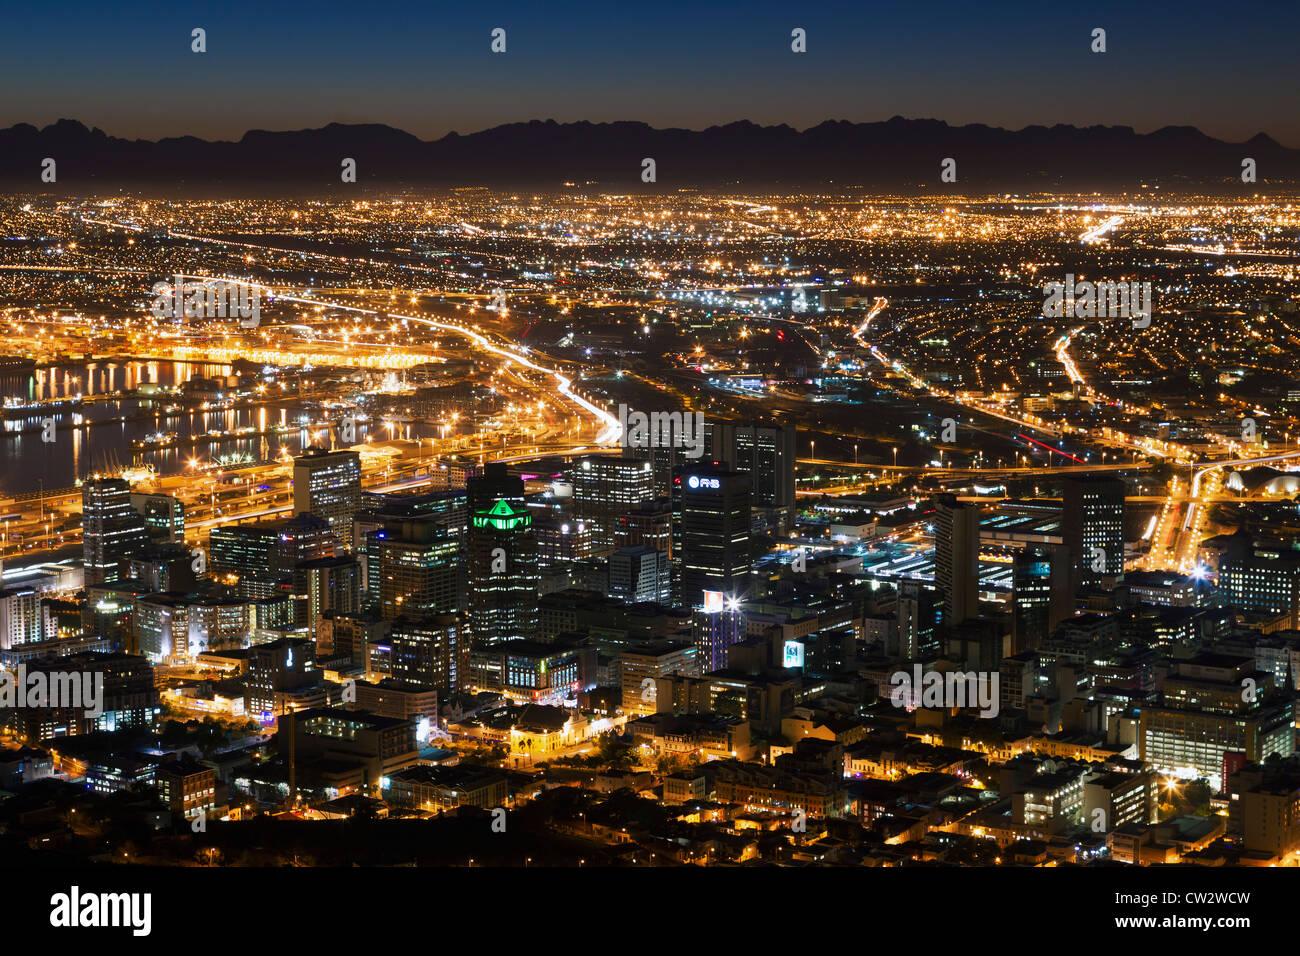 Cape Town city centre en el amanecer. Ciudad del Cabo, Sudáfrica. Imagen De Stock